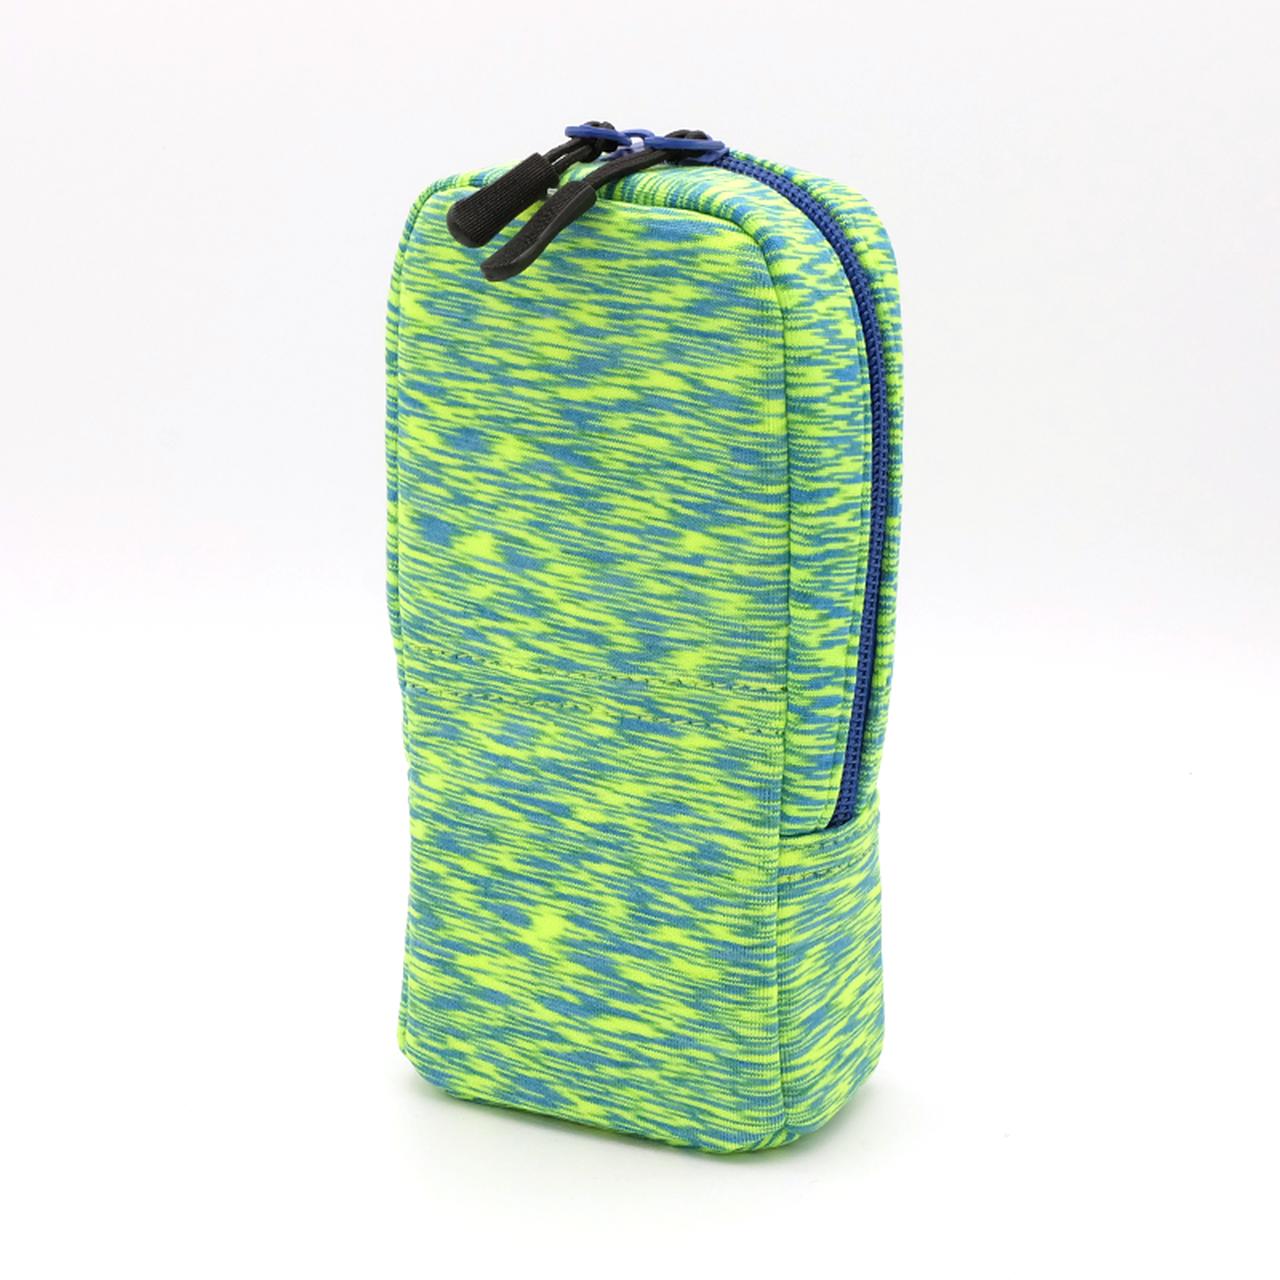 ペンケース タテモ 限定デザイン グリーンブルー PCS158S-160-GL